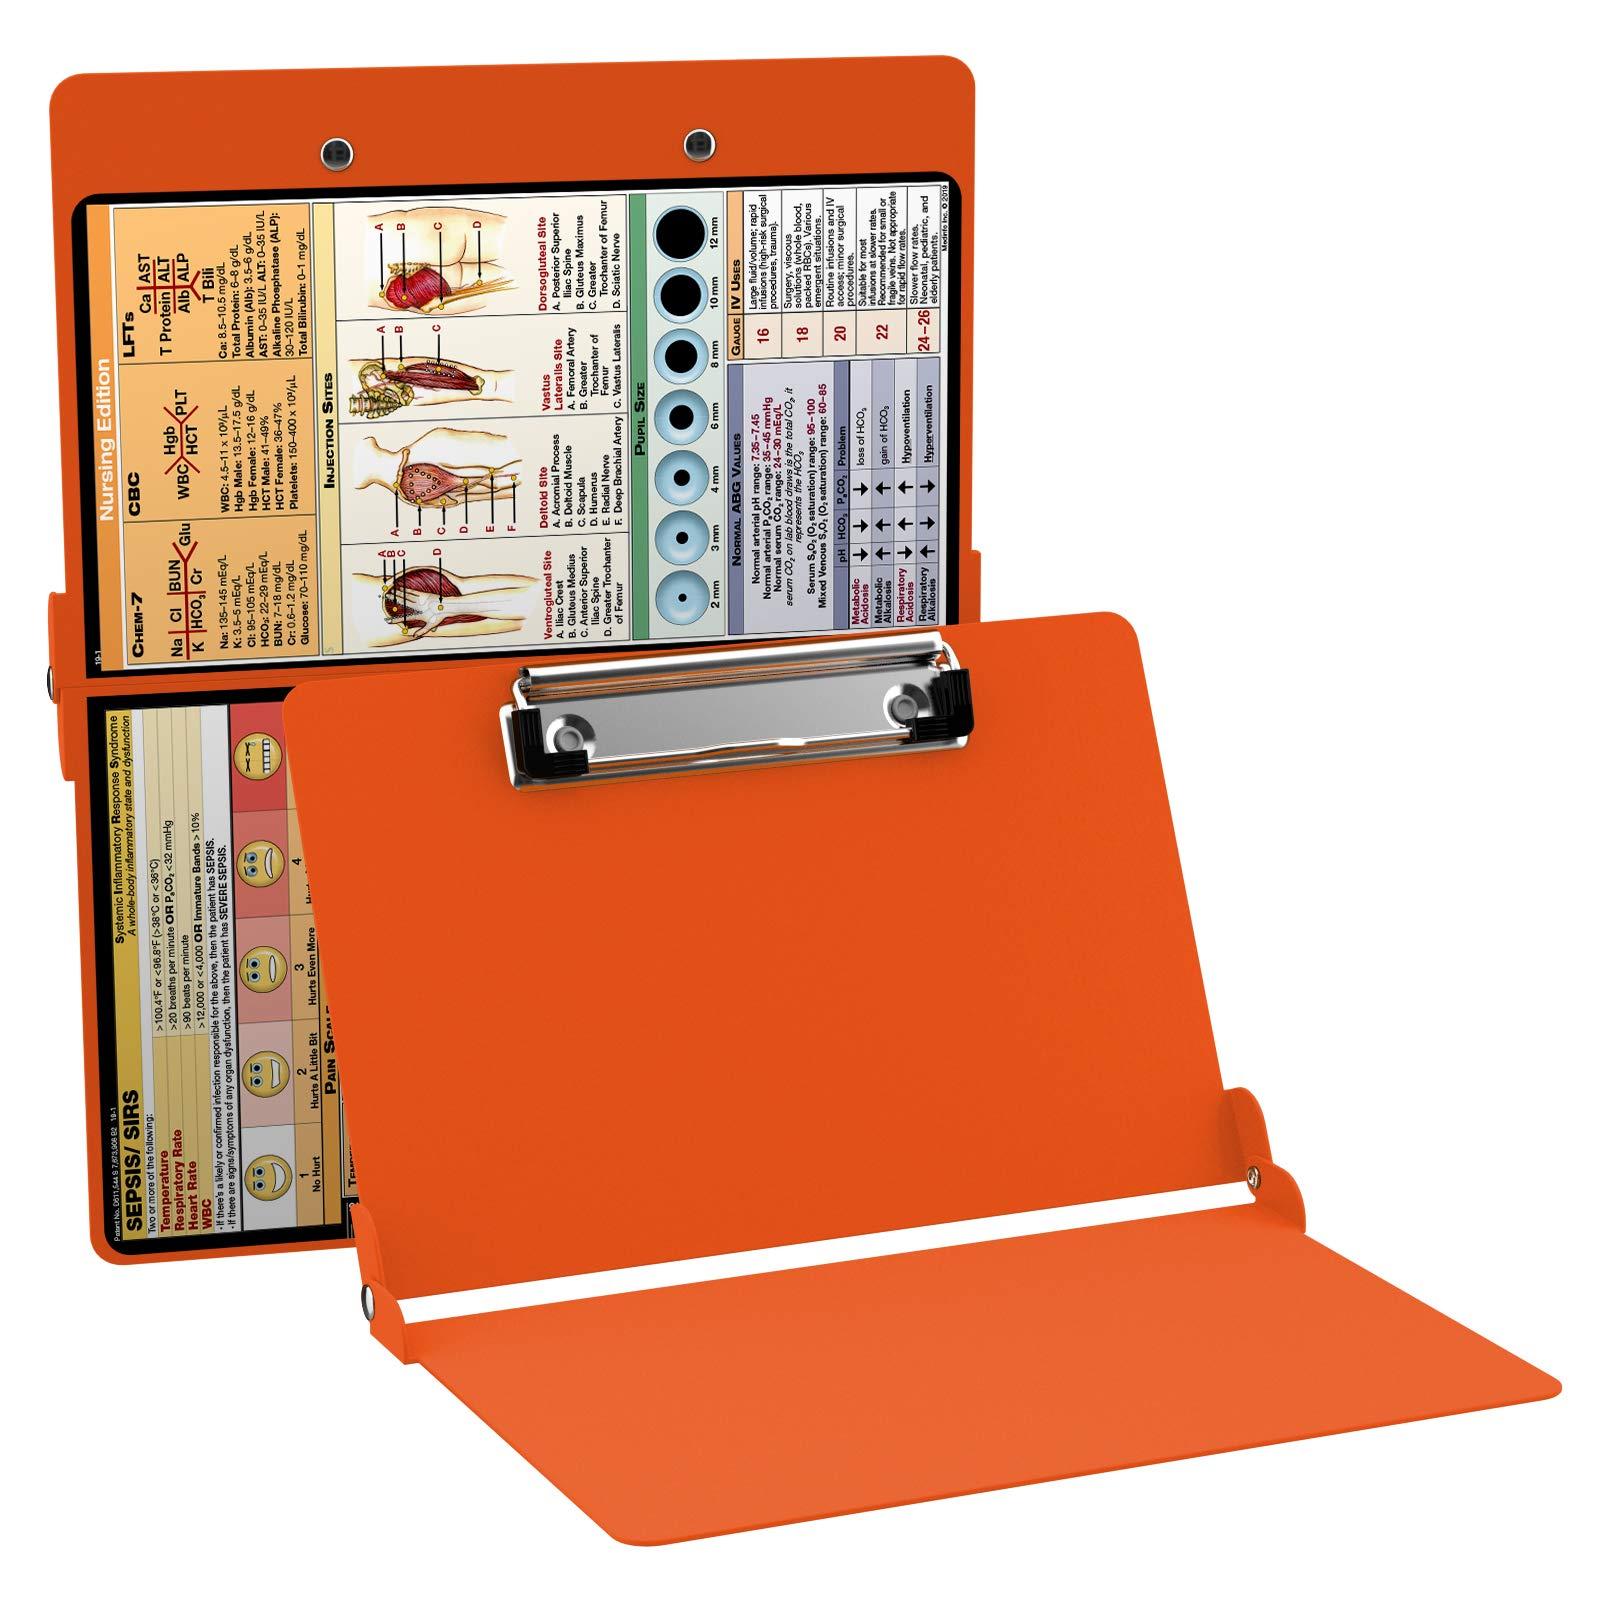 WhiteCoat Clipboard- Safety Orange - Nursing Edition by WhiteCoat Clipboard